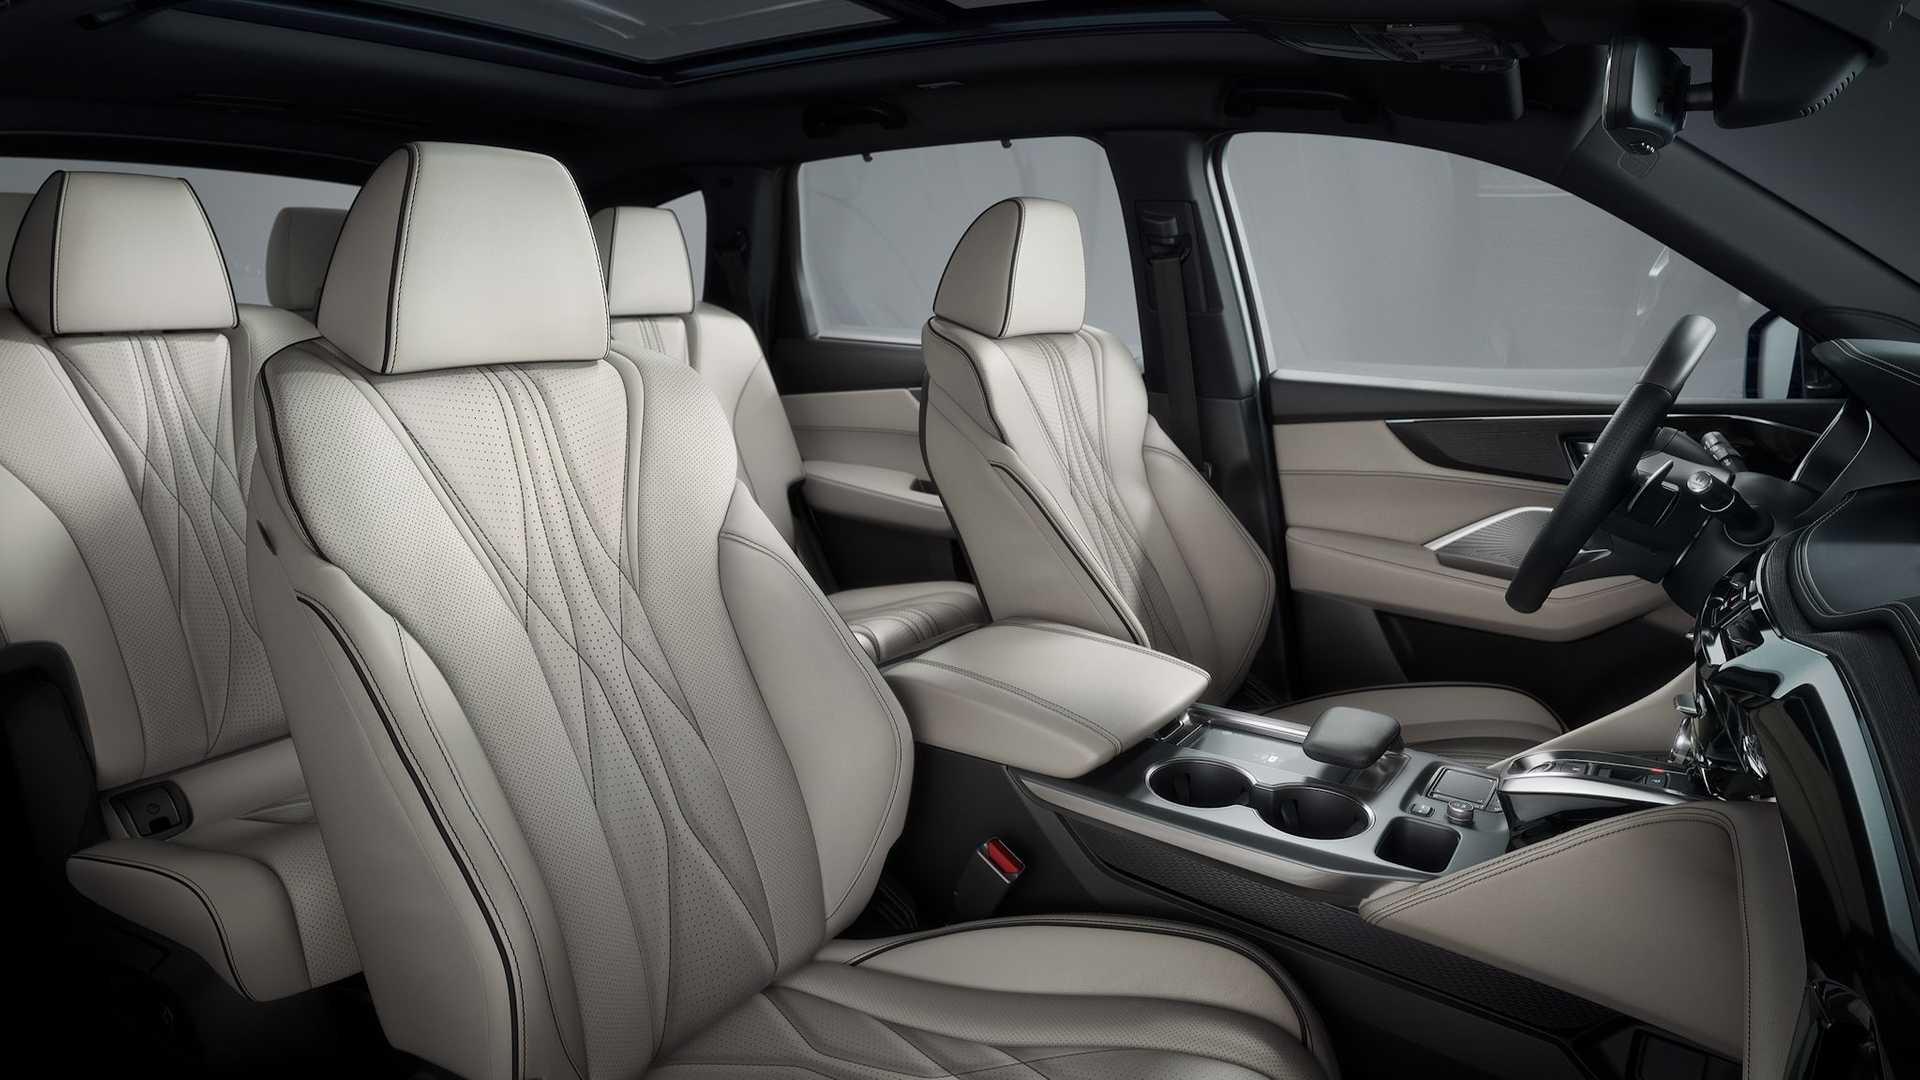 25 дюймов дисплеев и 25 динамиков: представлен новый кроссовер Acura MDX